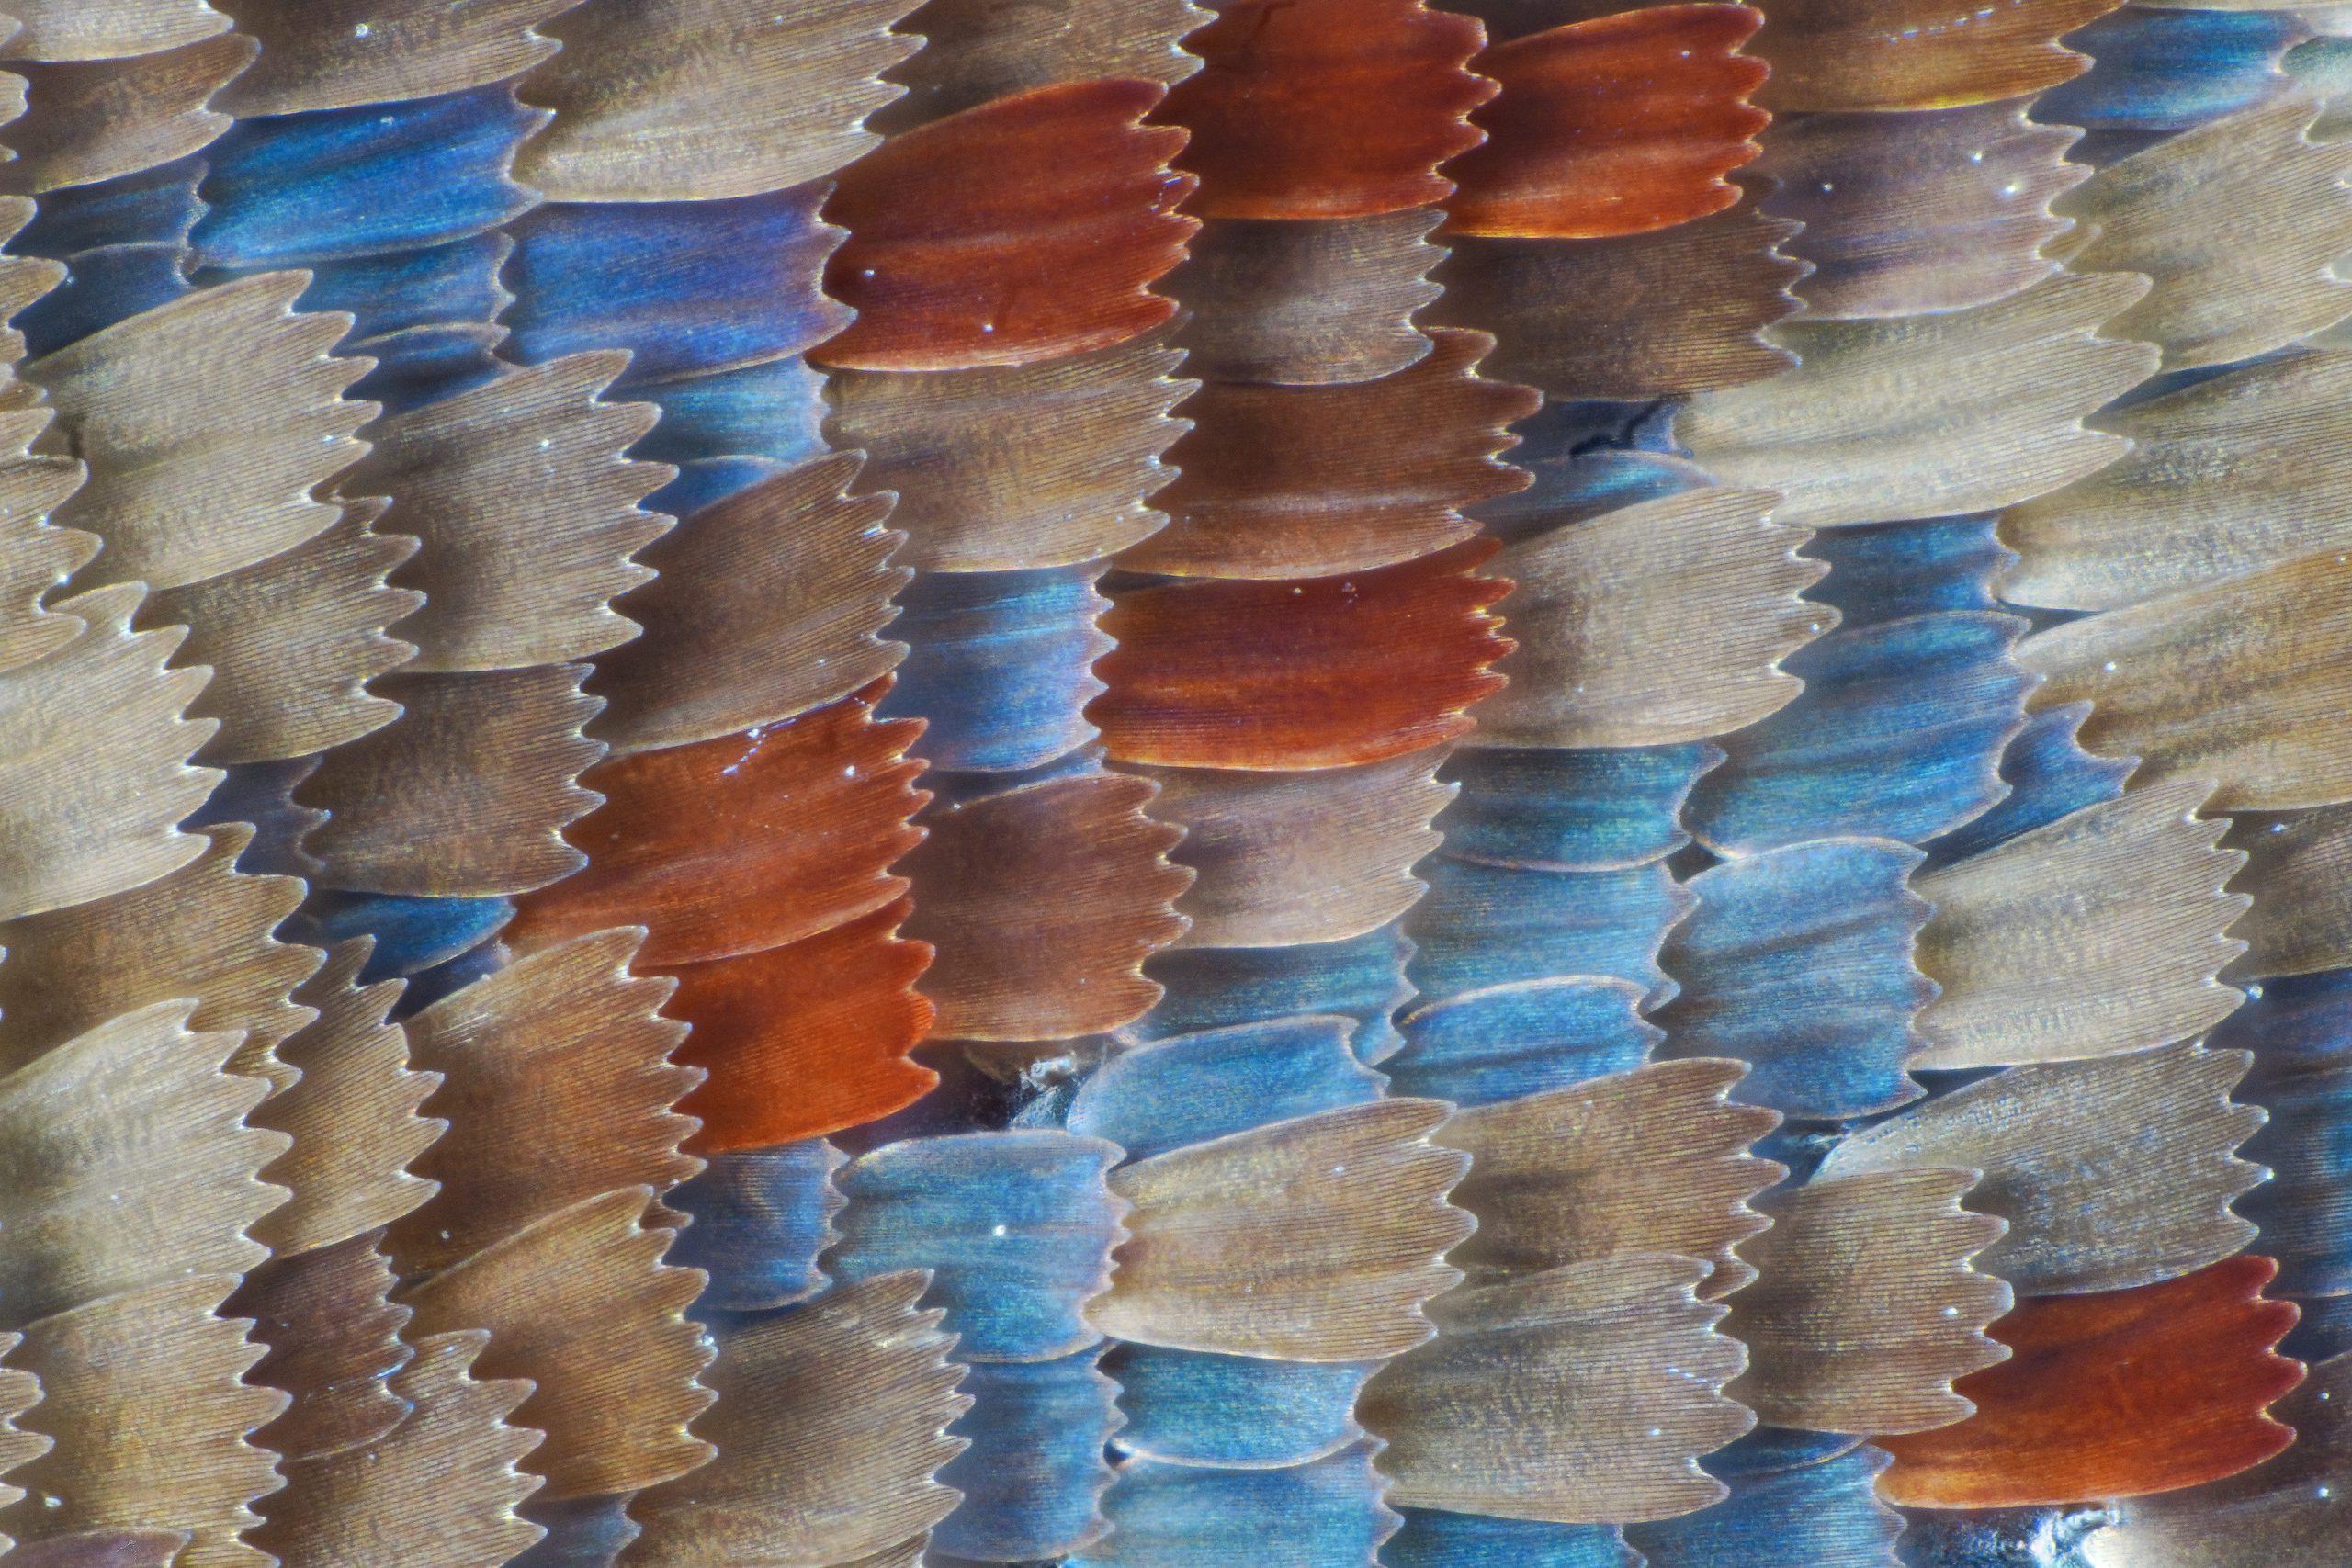 Macrofotografia ala farfalla 20x